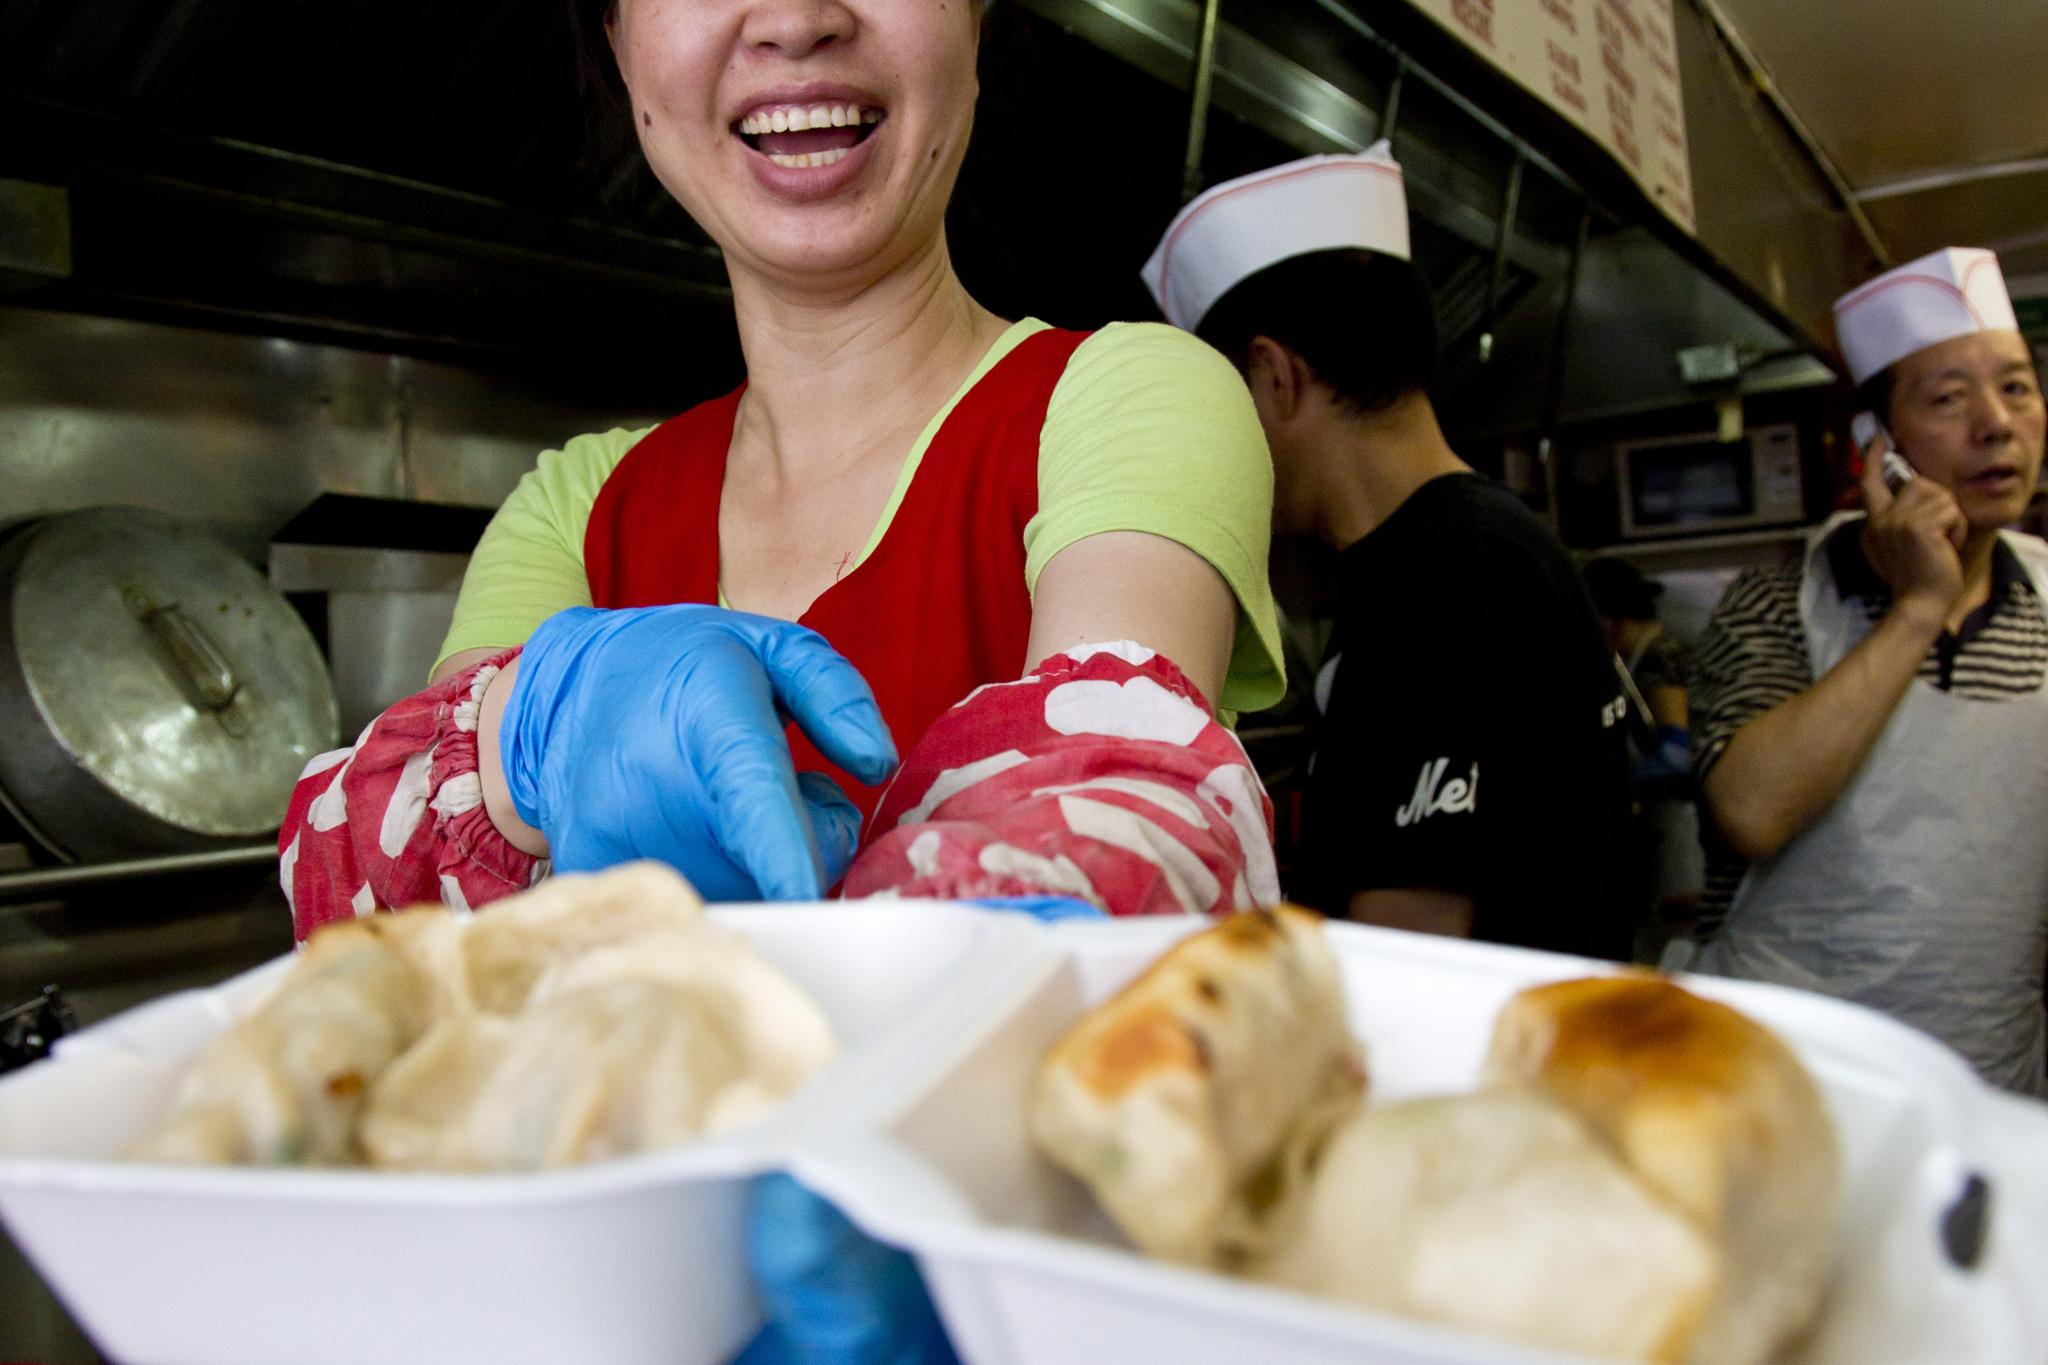 Dollar dumplings: Zhu Ji Dumpling Stall